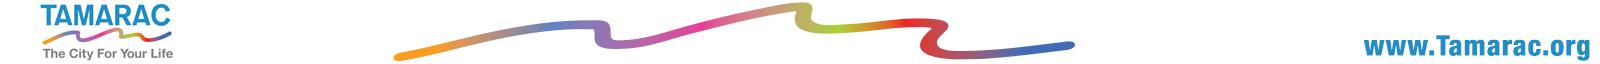 Tamarac, FL logo